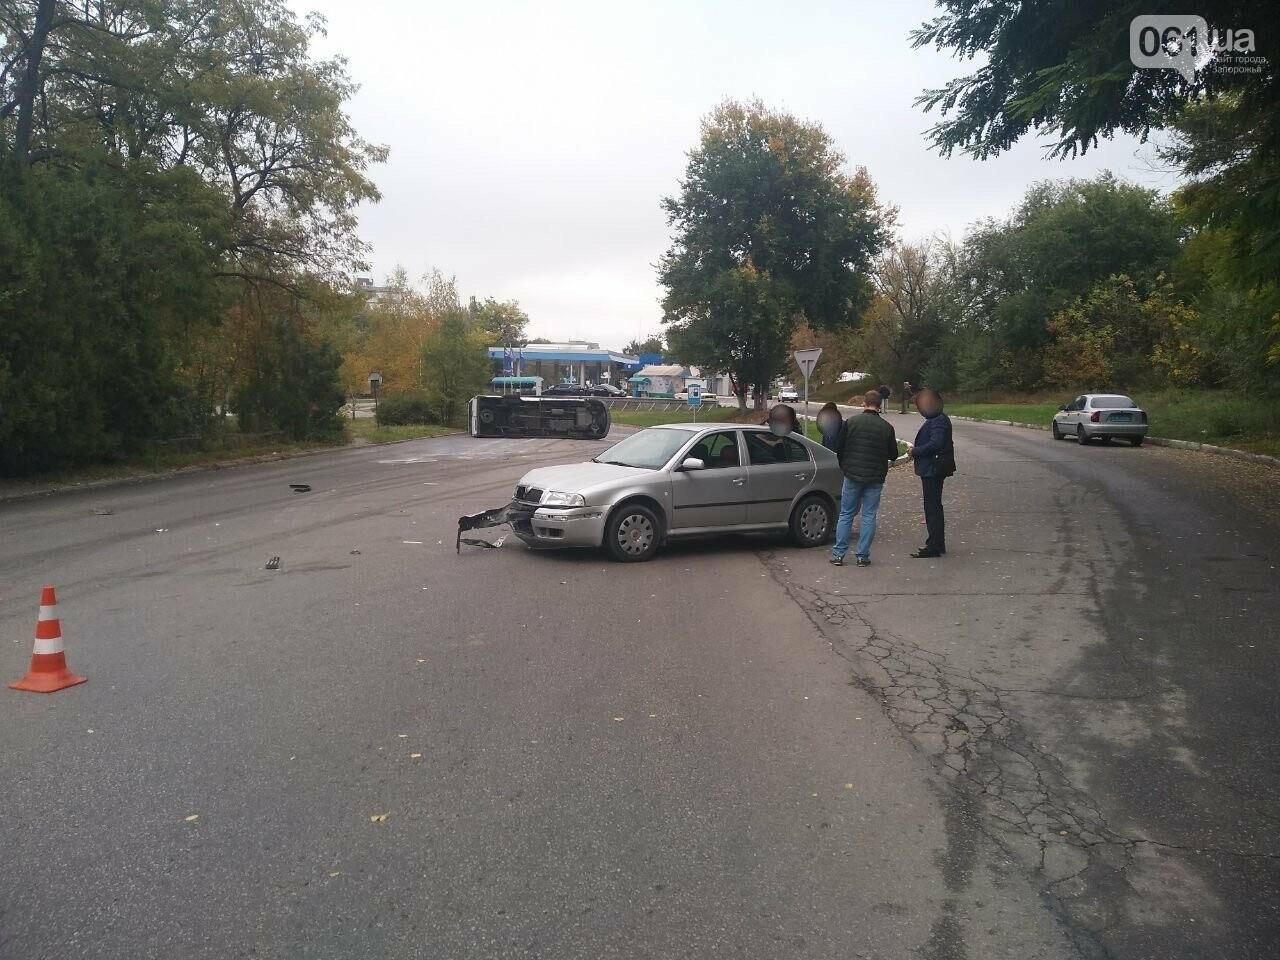 photo5208685004148813667 5f89650ed414b - В запорожской полиции прокомментировали ДТП с перевернувшейся маршруткой